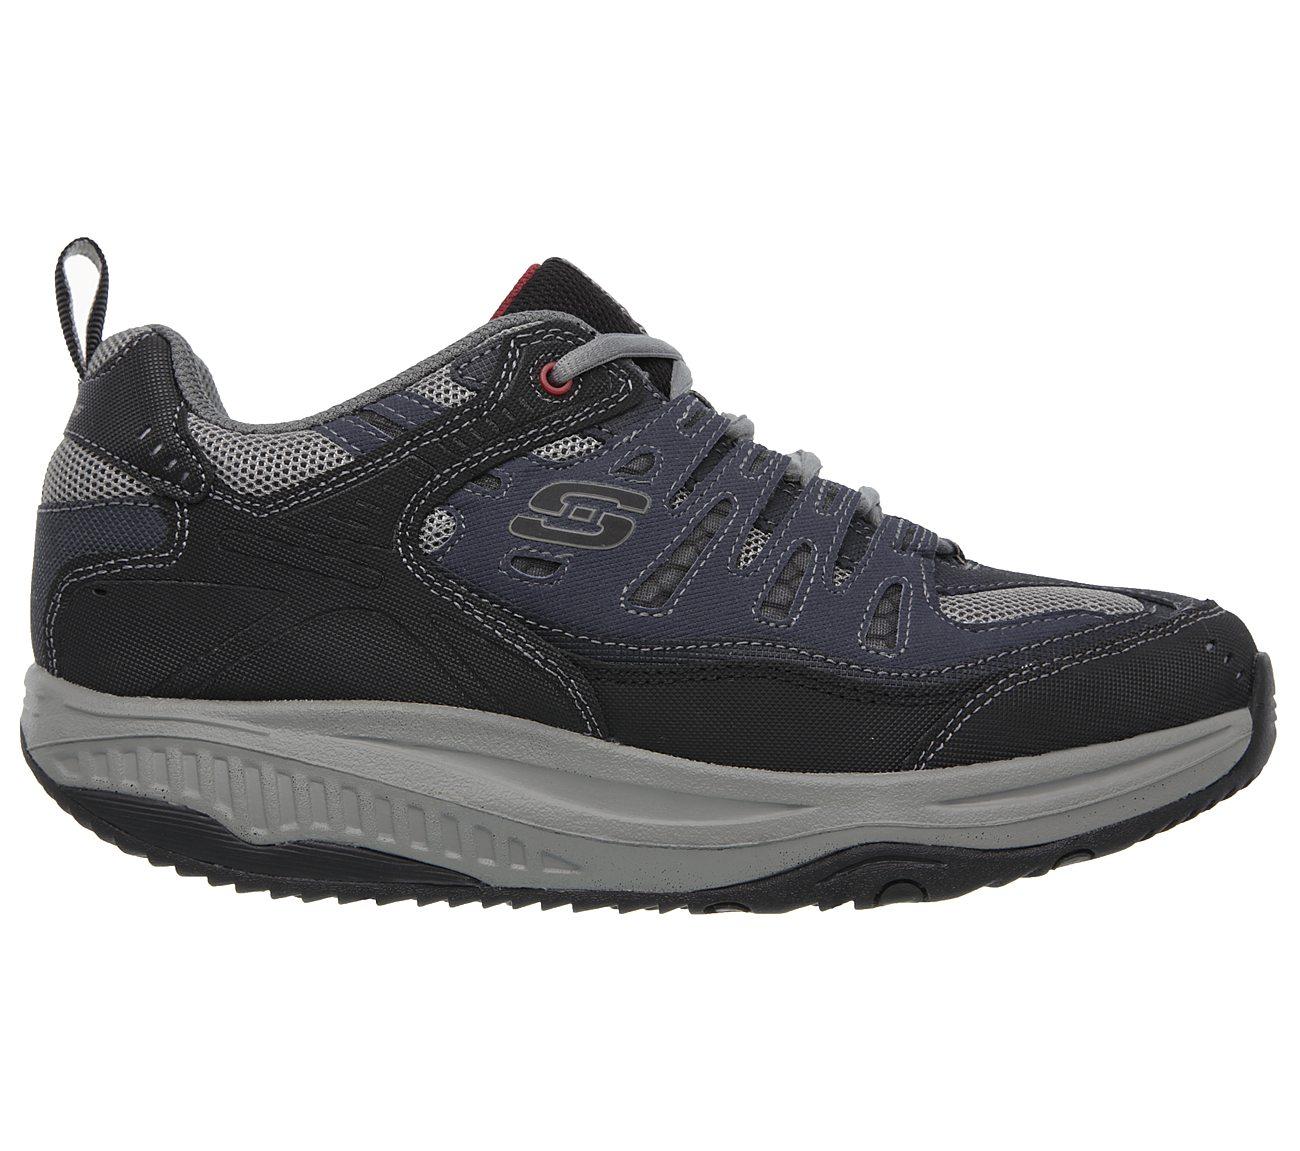 best sport shoes for flat feet: Skechers Men's Shape Ups XT